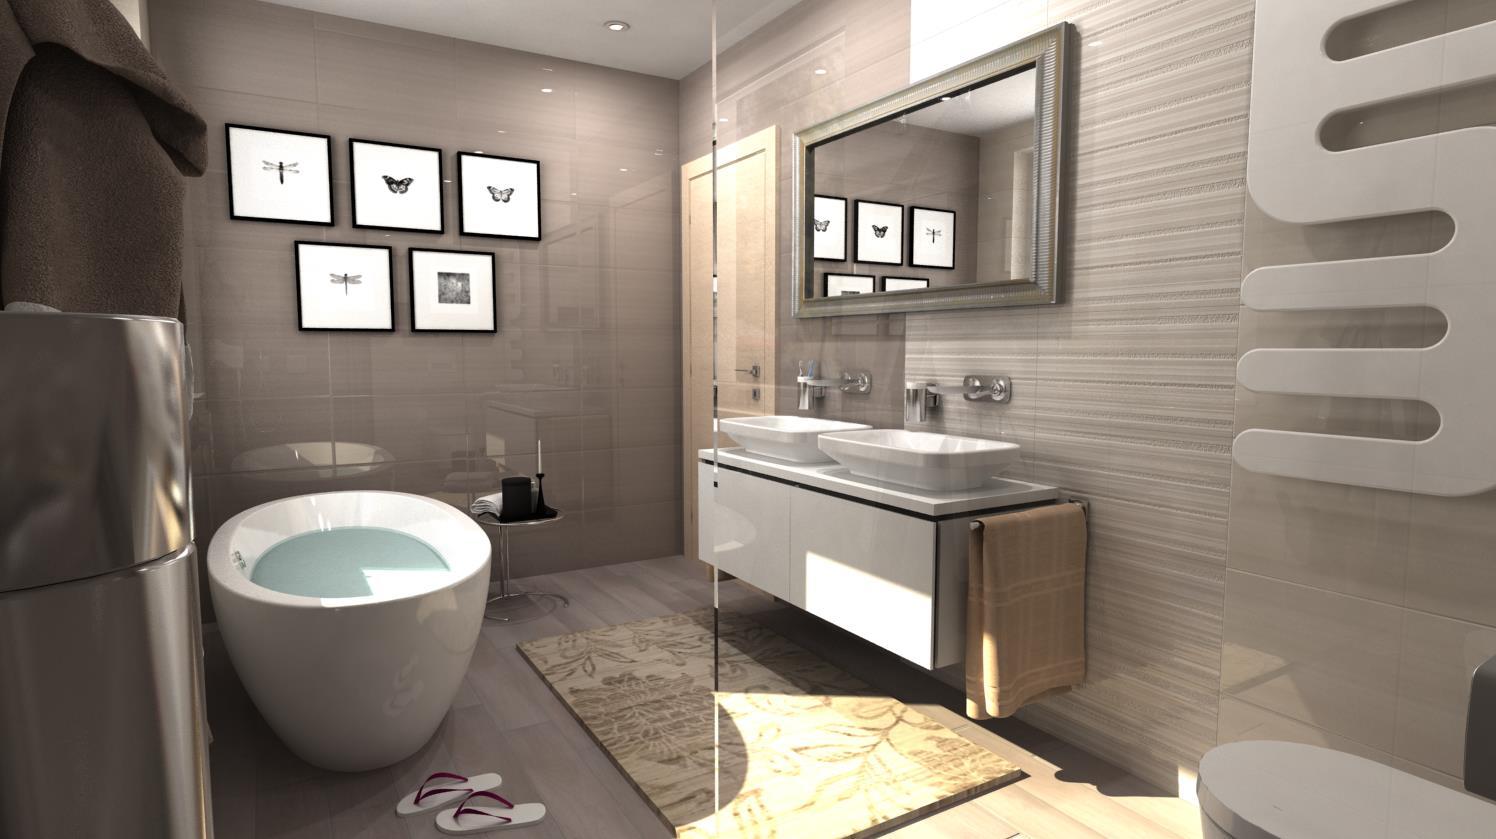 Vizualizácie kúpeľní - Obrázok č. 8